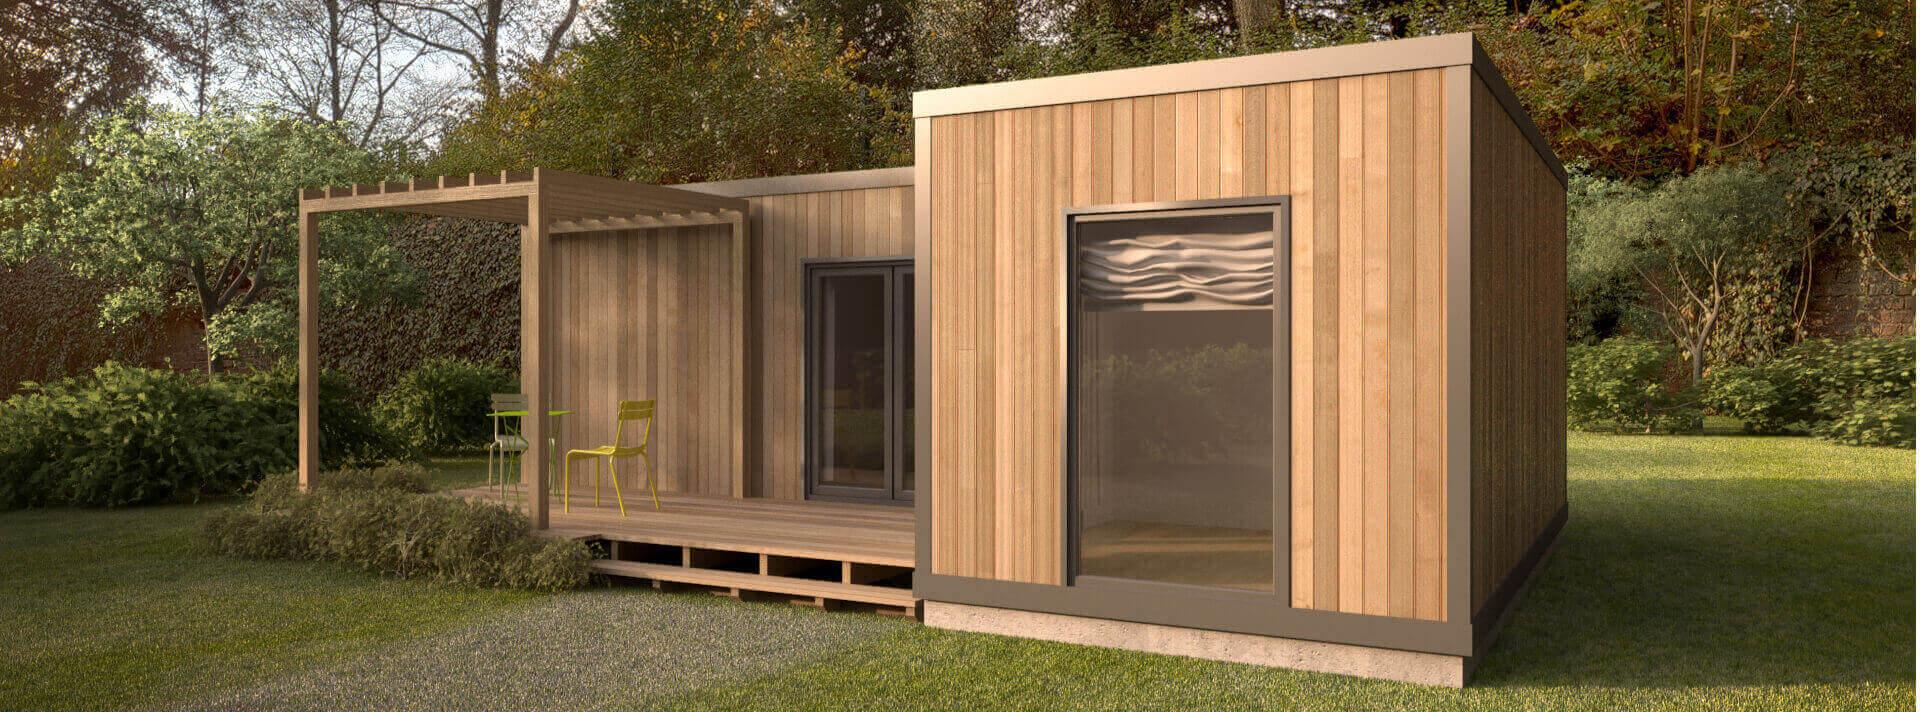 dom-modulowy-slajd-1